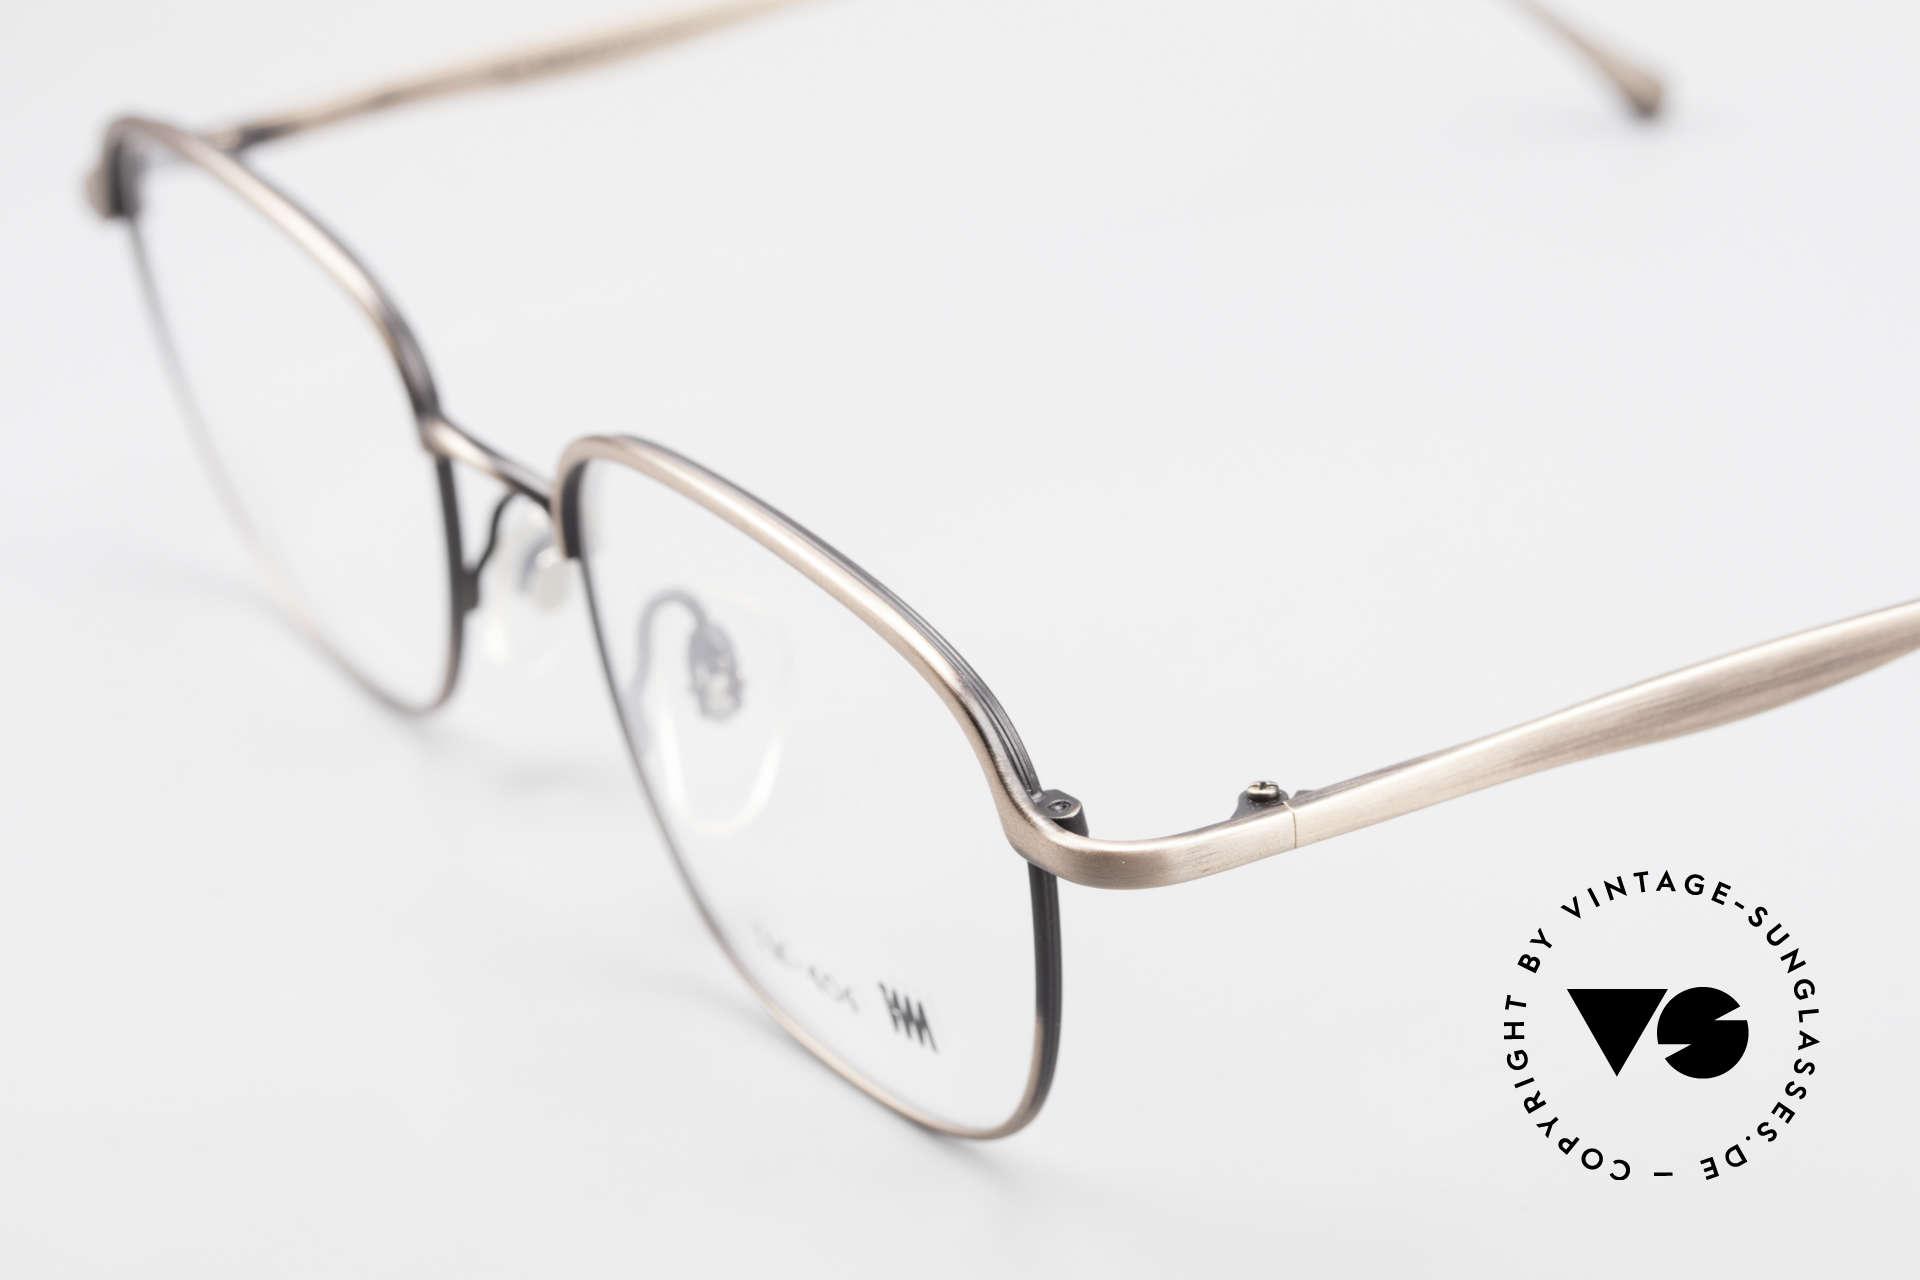 Miyake Design Studio IM404 Insider Brille All Titan 90er, überragende alte Handwerkskunst (made in Japan), Passend für Herren und Damen